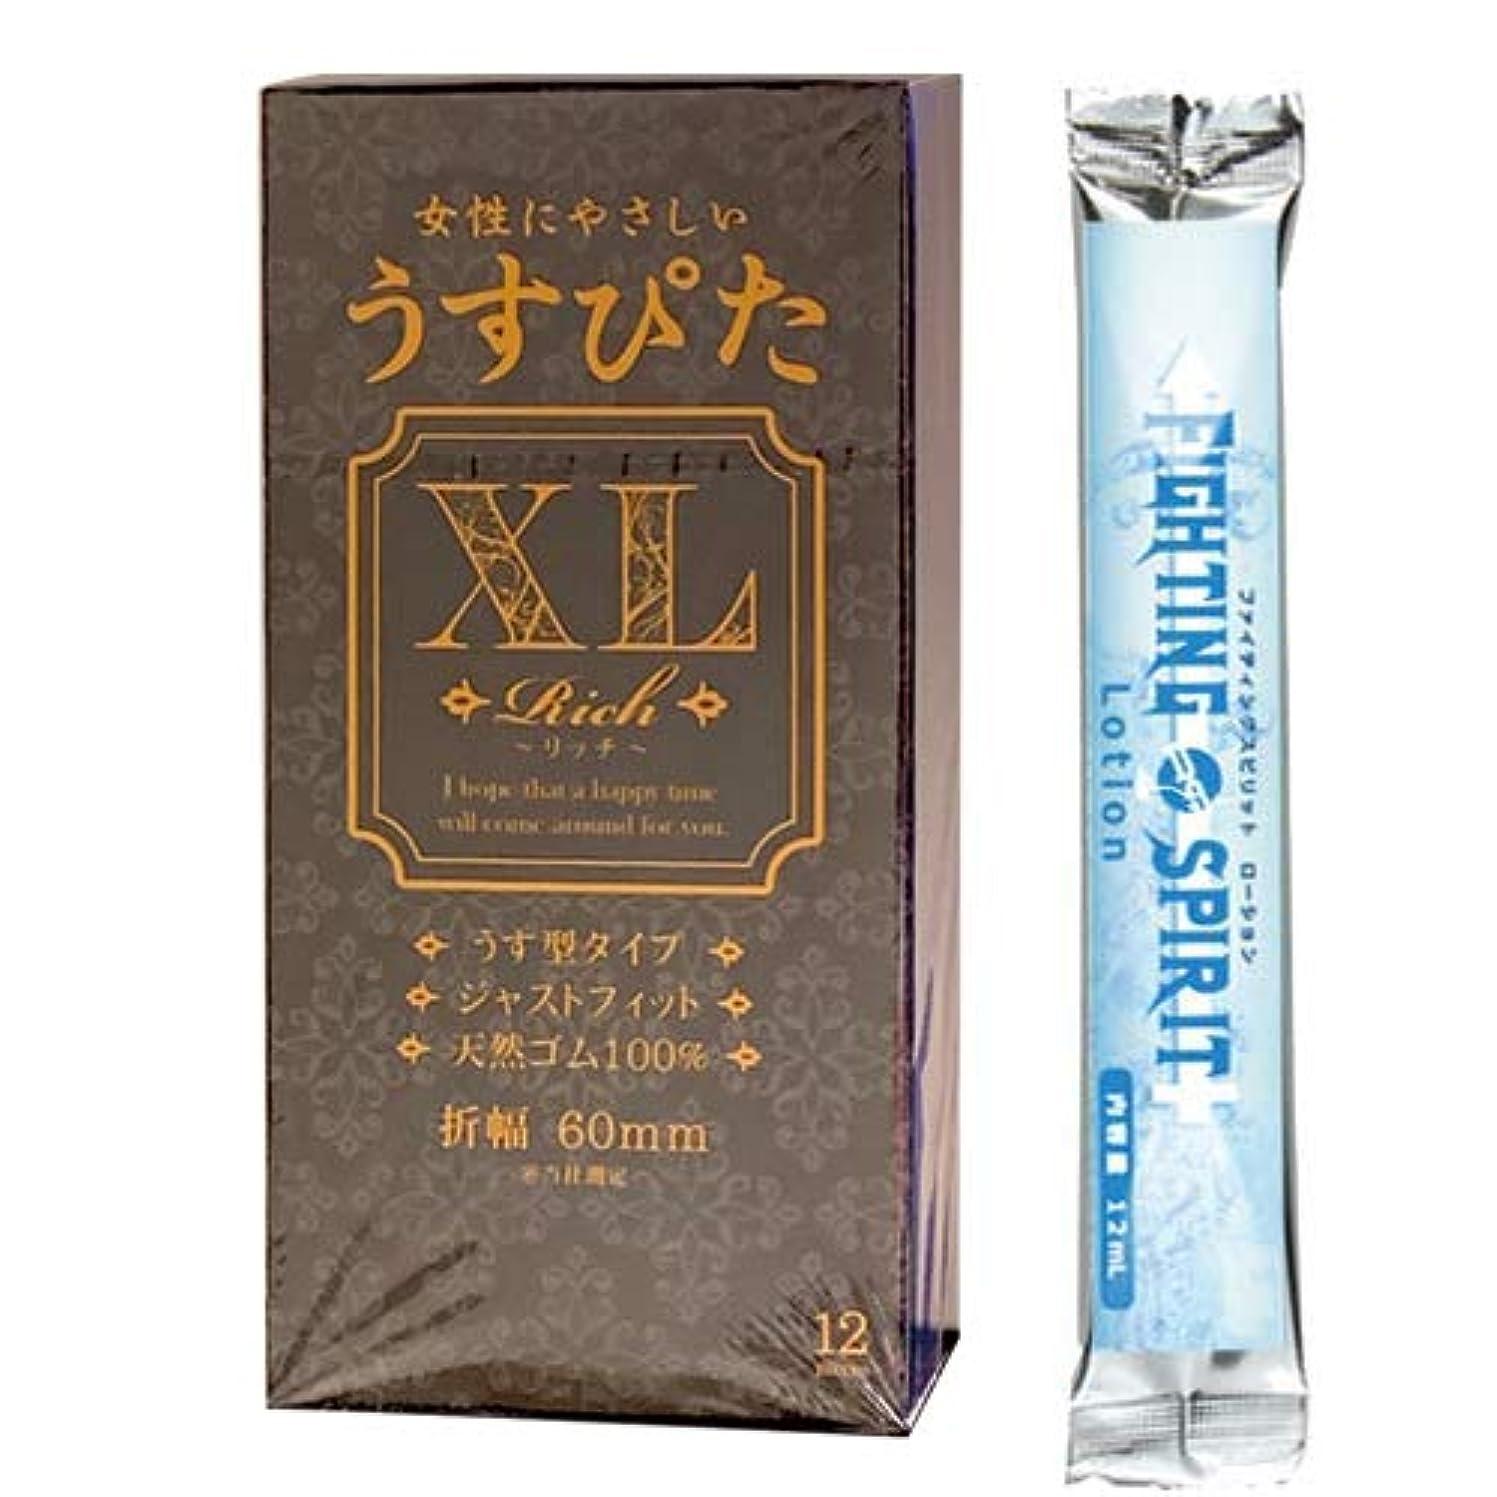 知事周り特定のジャパンメディカル うすぴた XL Rich(リッチ)コンドーム 12個入 + ファイティングスピリットローション12mL